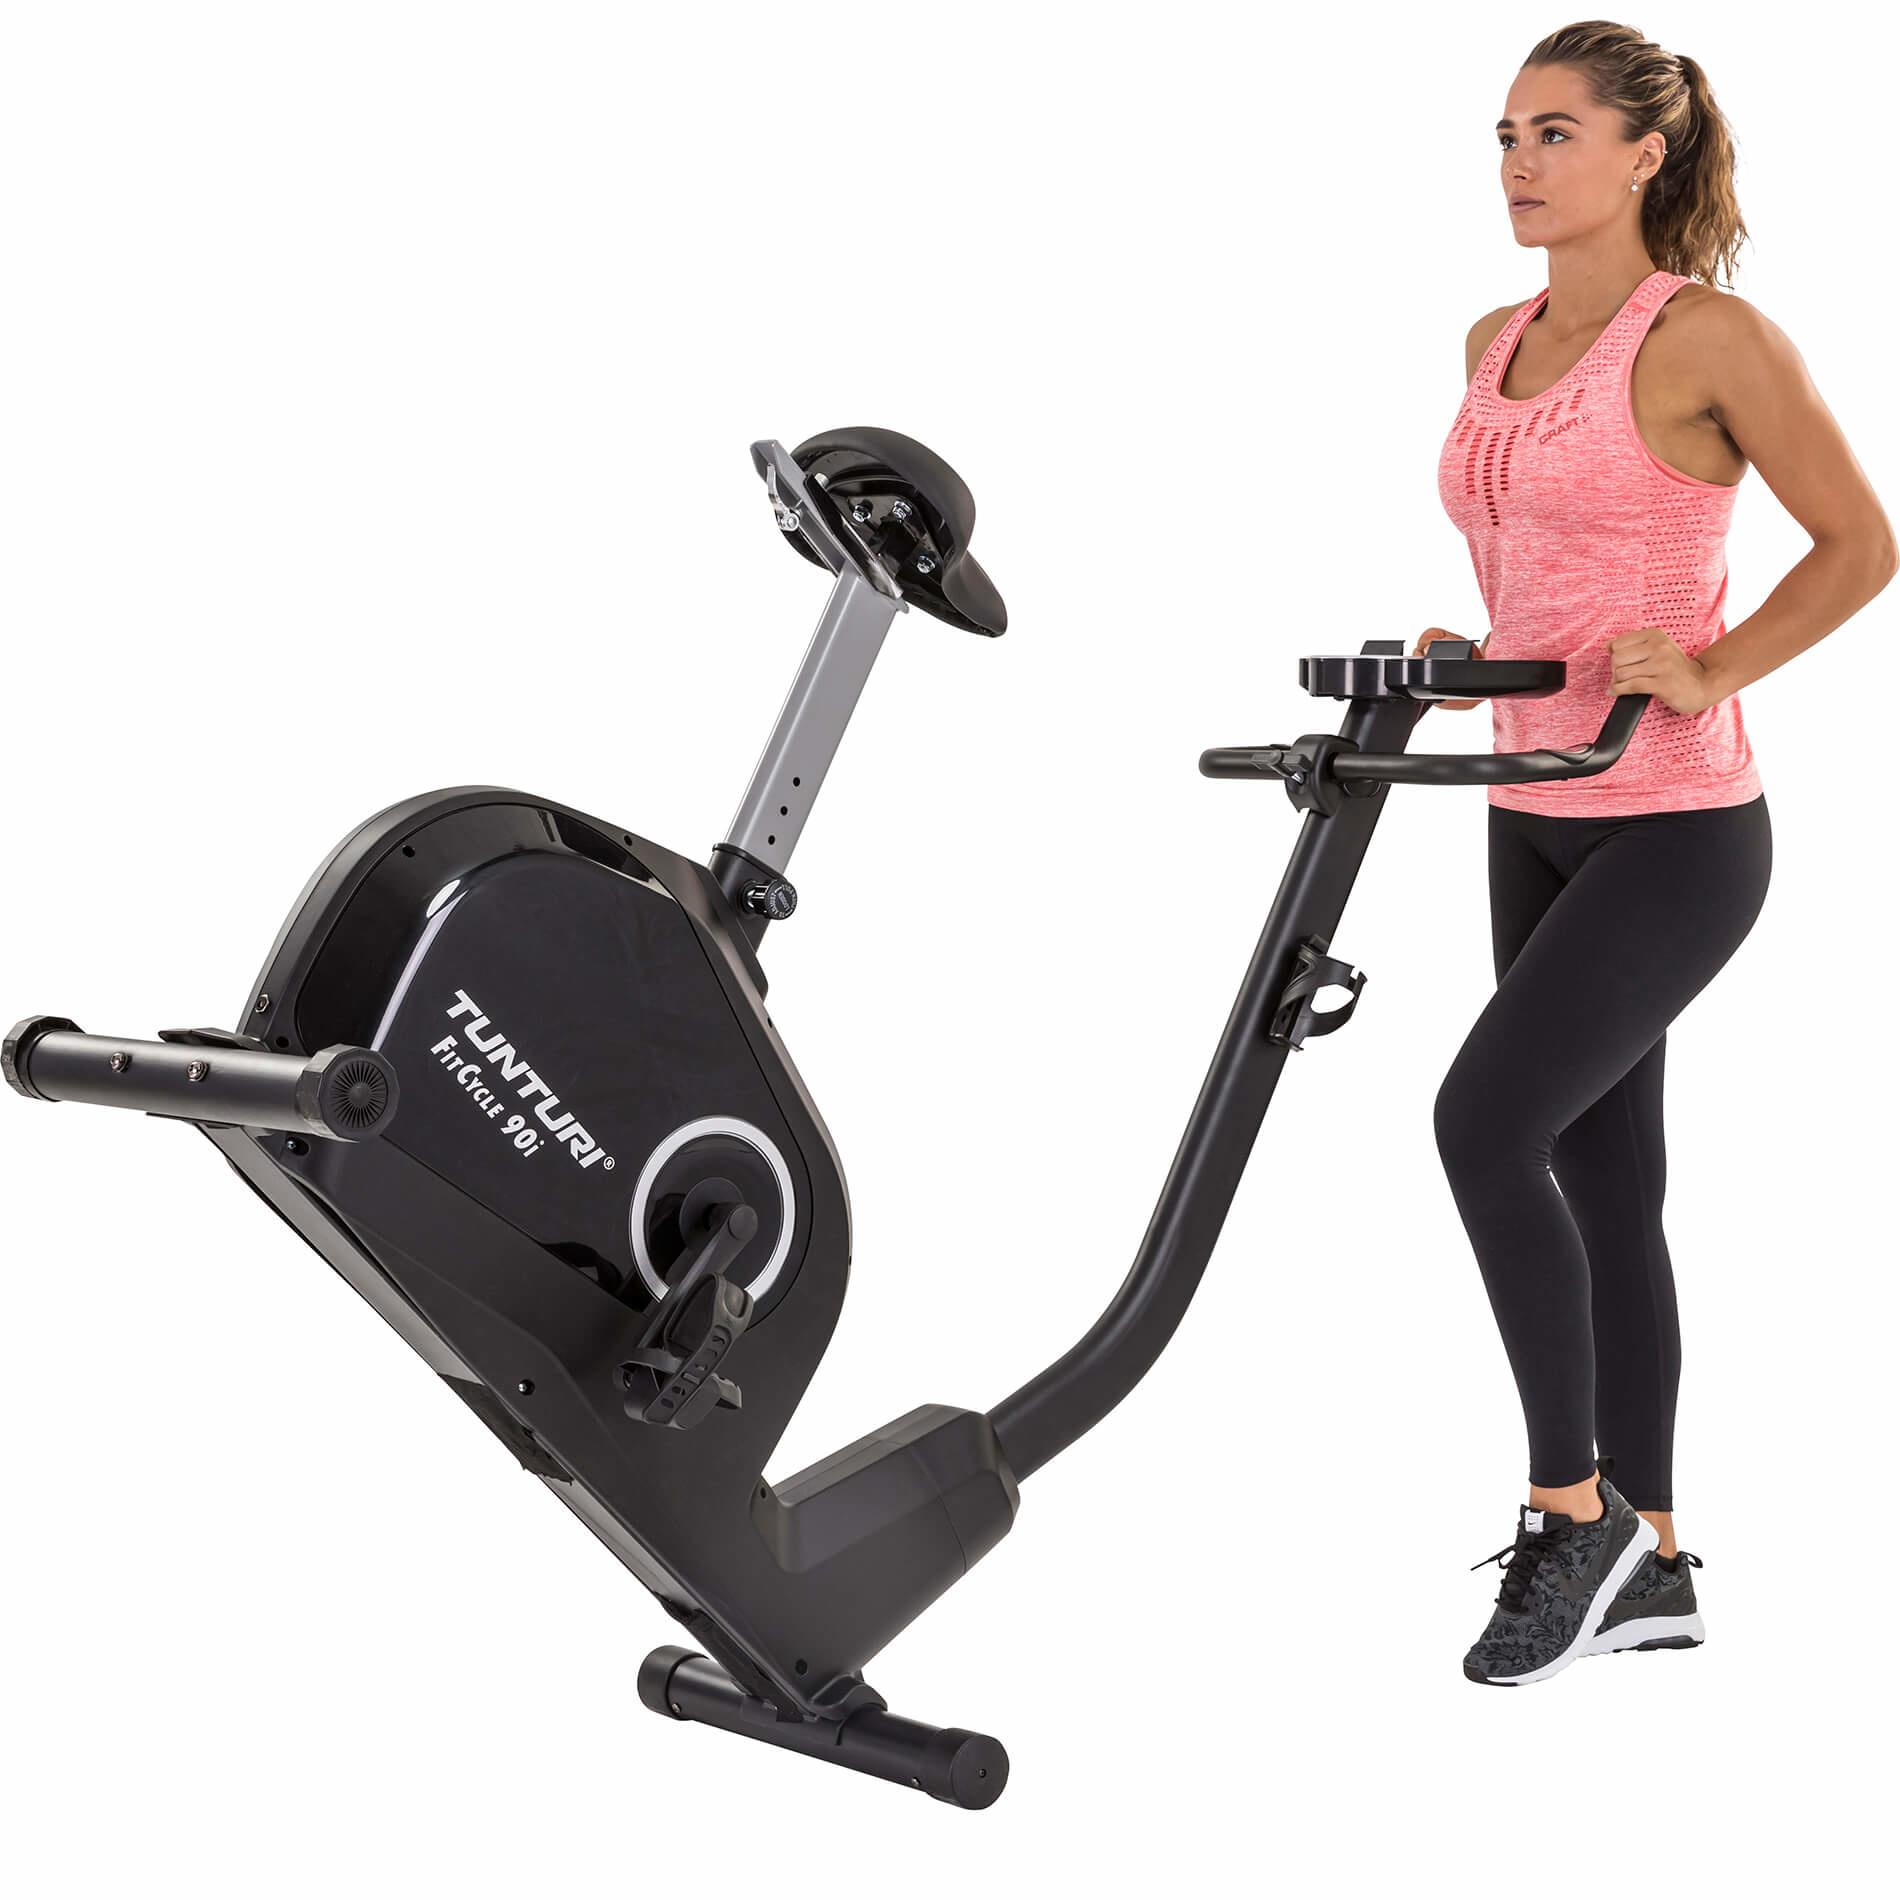 Tunturi Exercise Bike FitCycle 90i transport